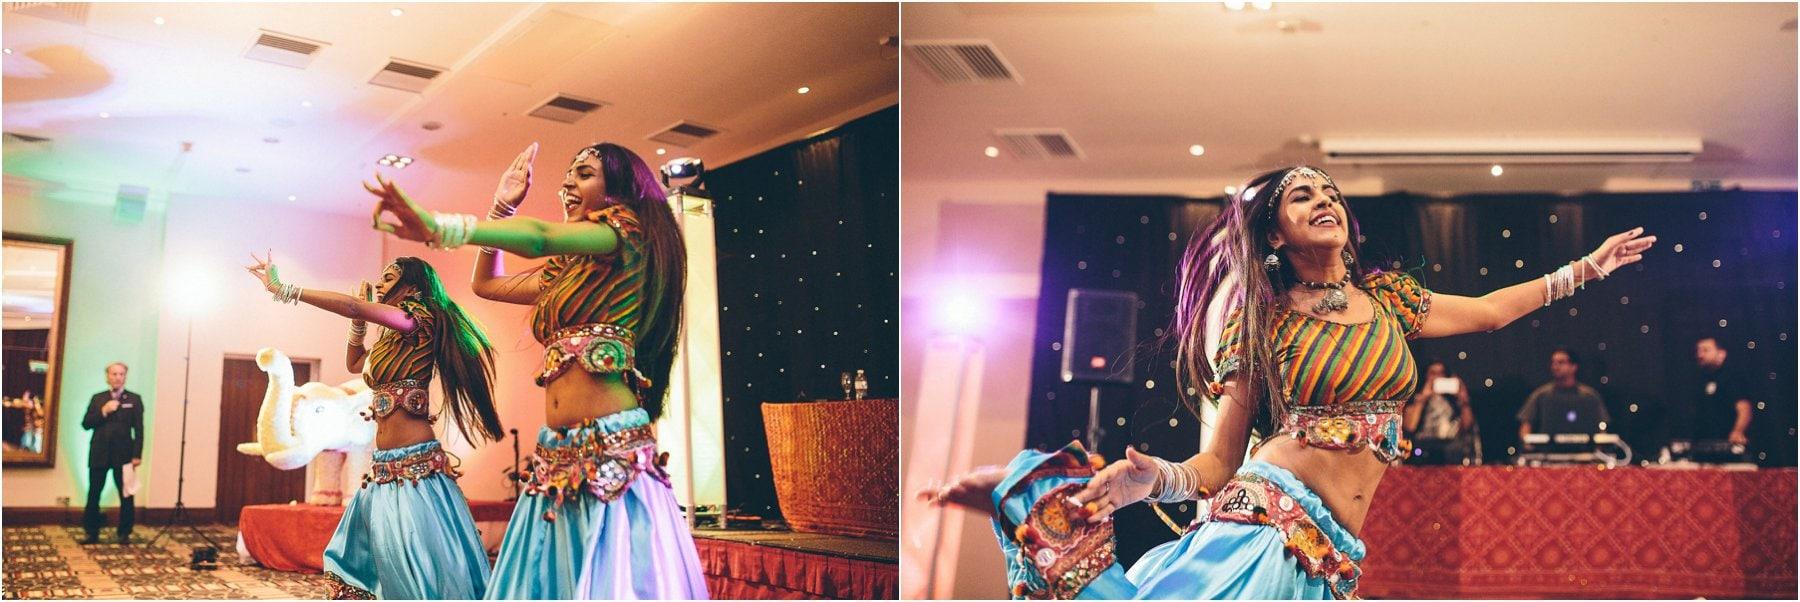 Lancashire_Indian_Wedding_Photography_0046